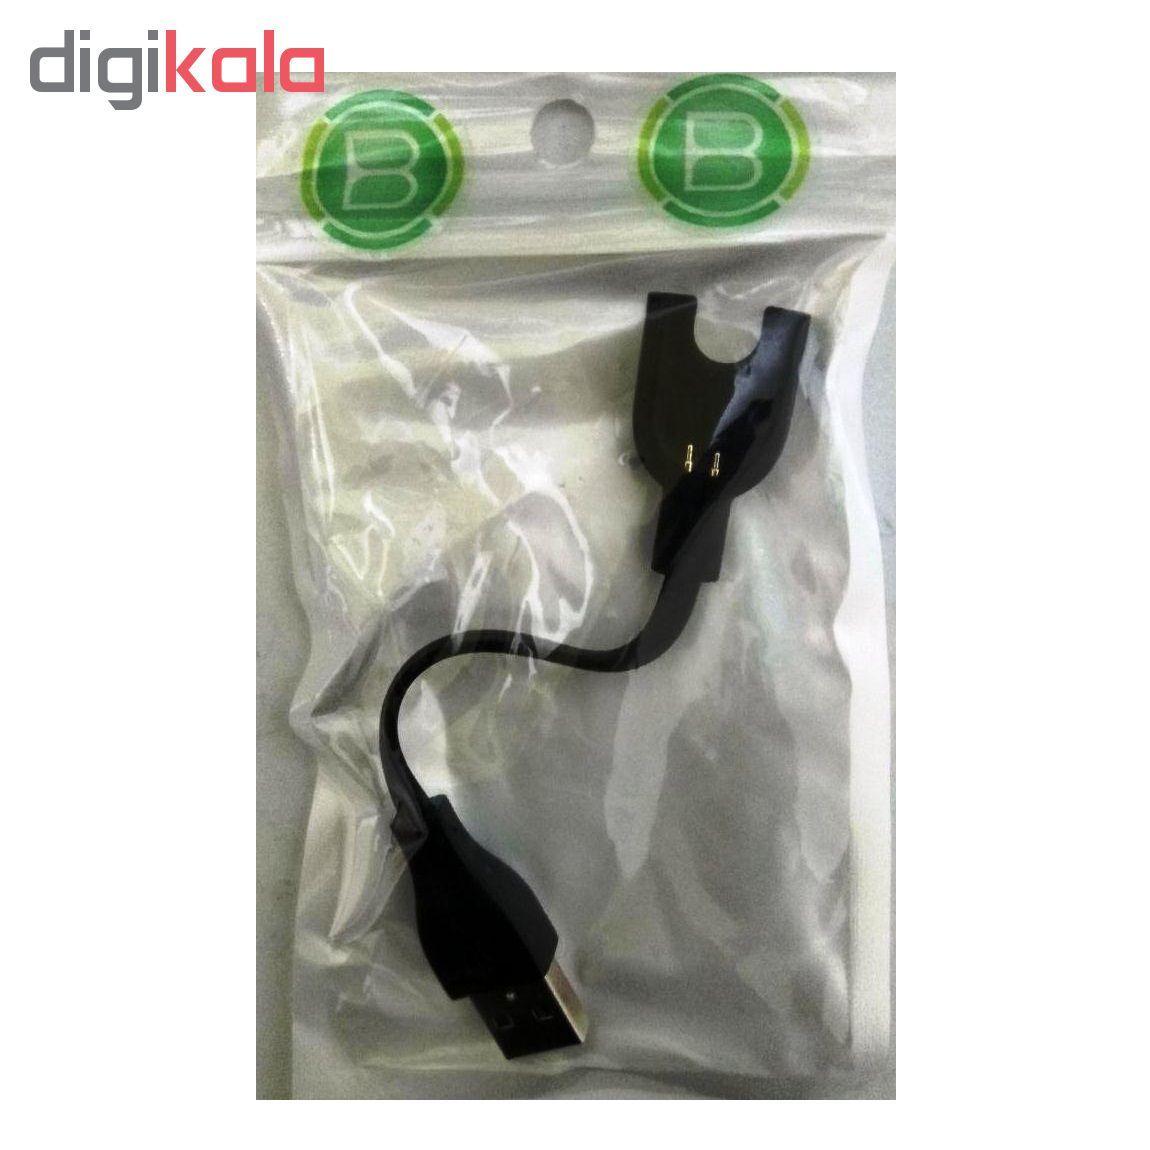 کابل شارژ مدل BB مناسب برای مچ بند هوشمند شیائومی Mi Band 3 main 1 1